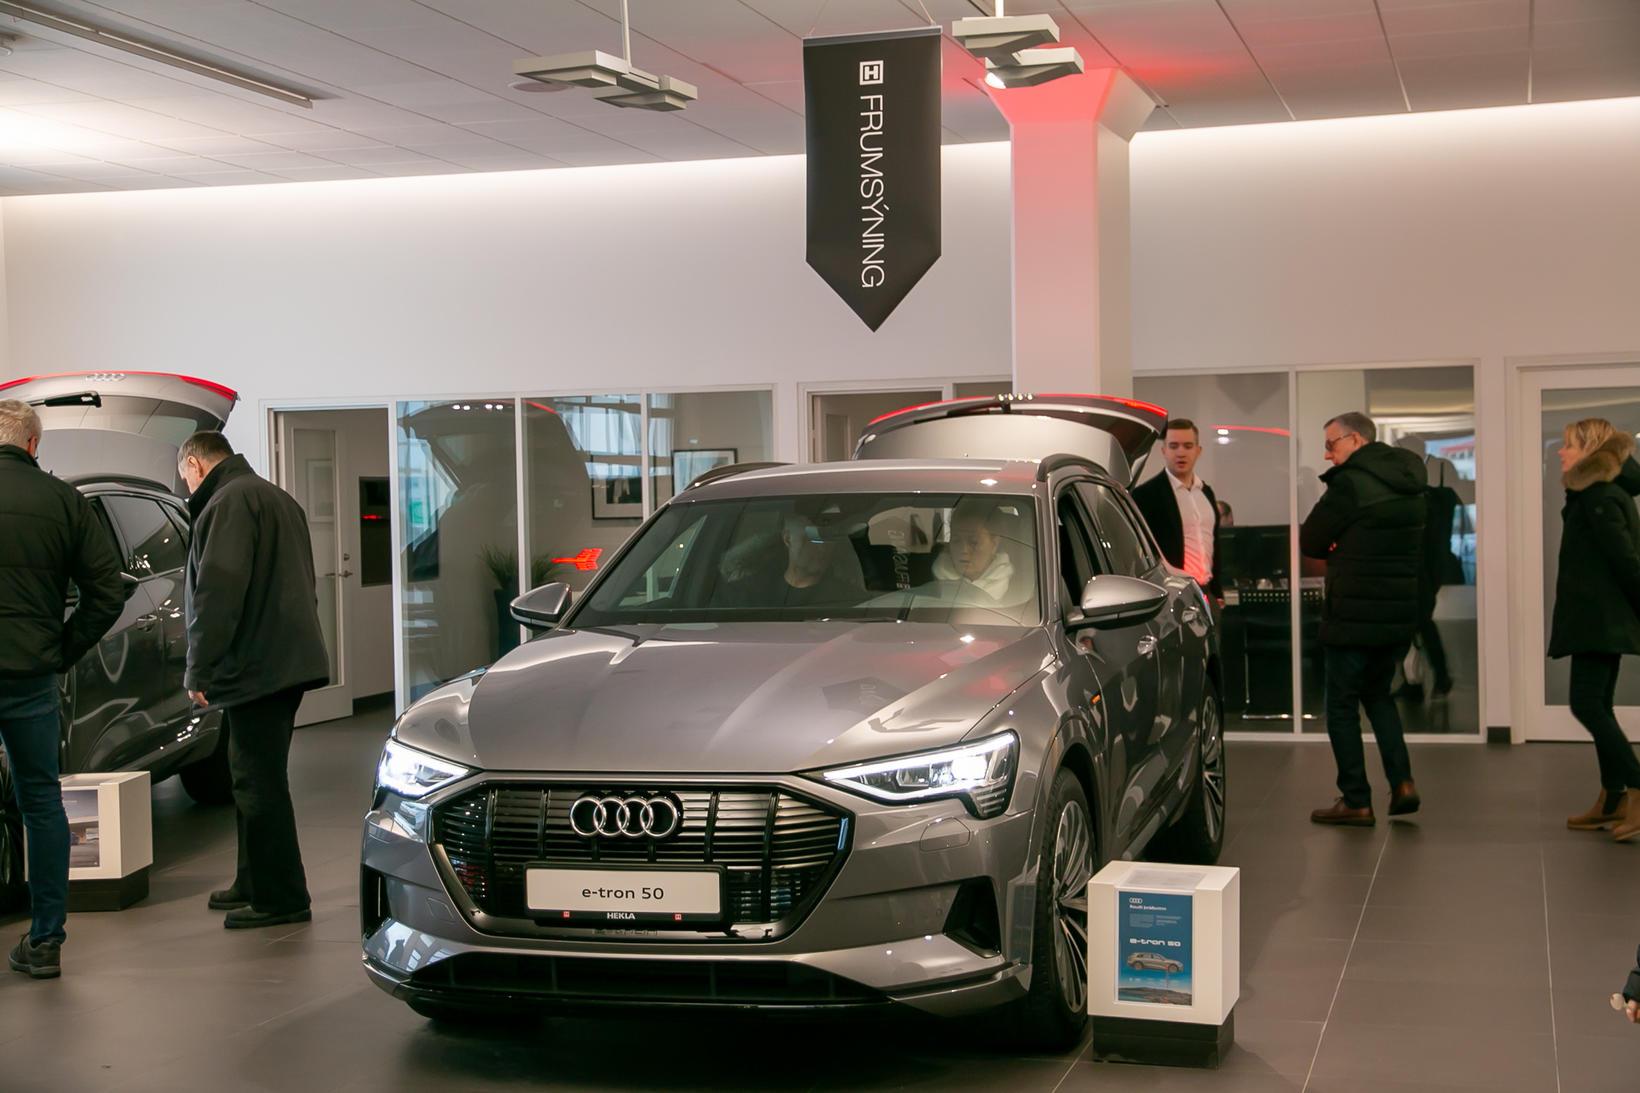 Audi e-tron 50 á stórsýningu Heklu um nýliðna helgi.